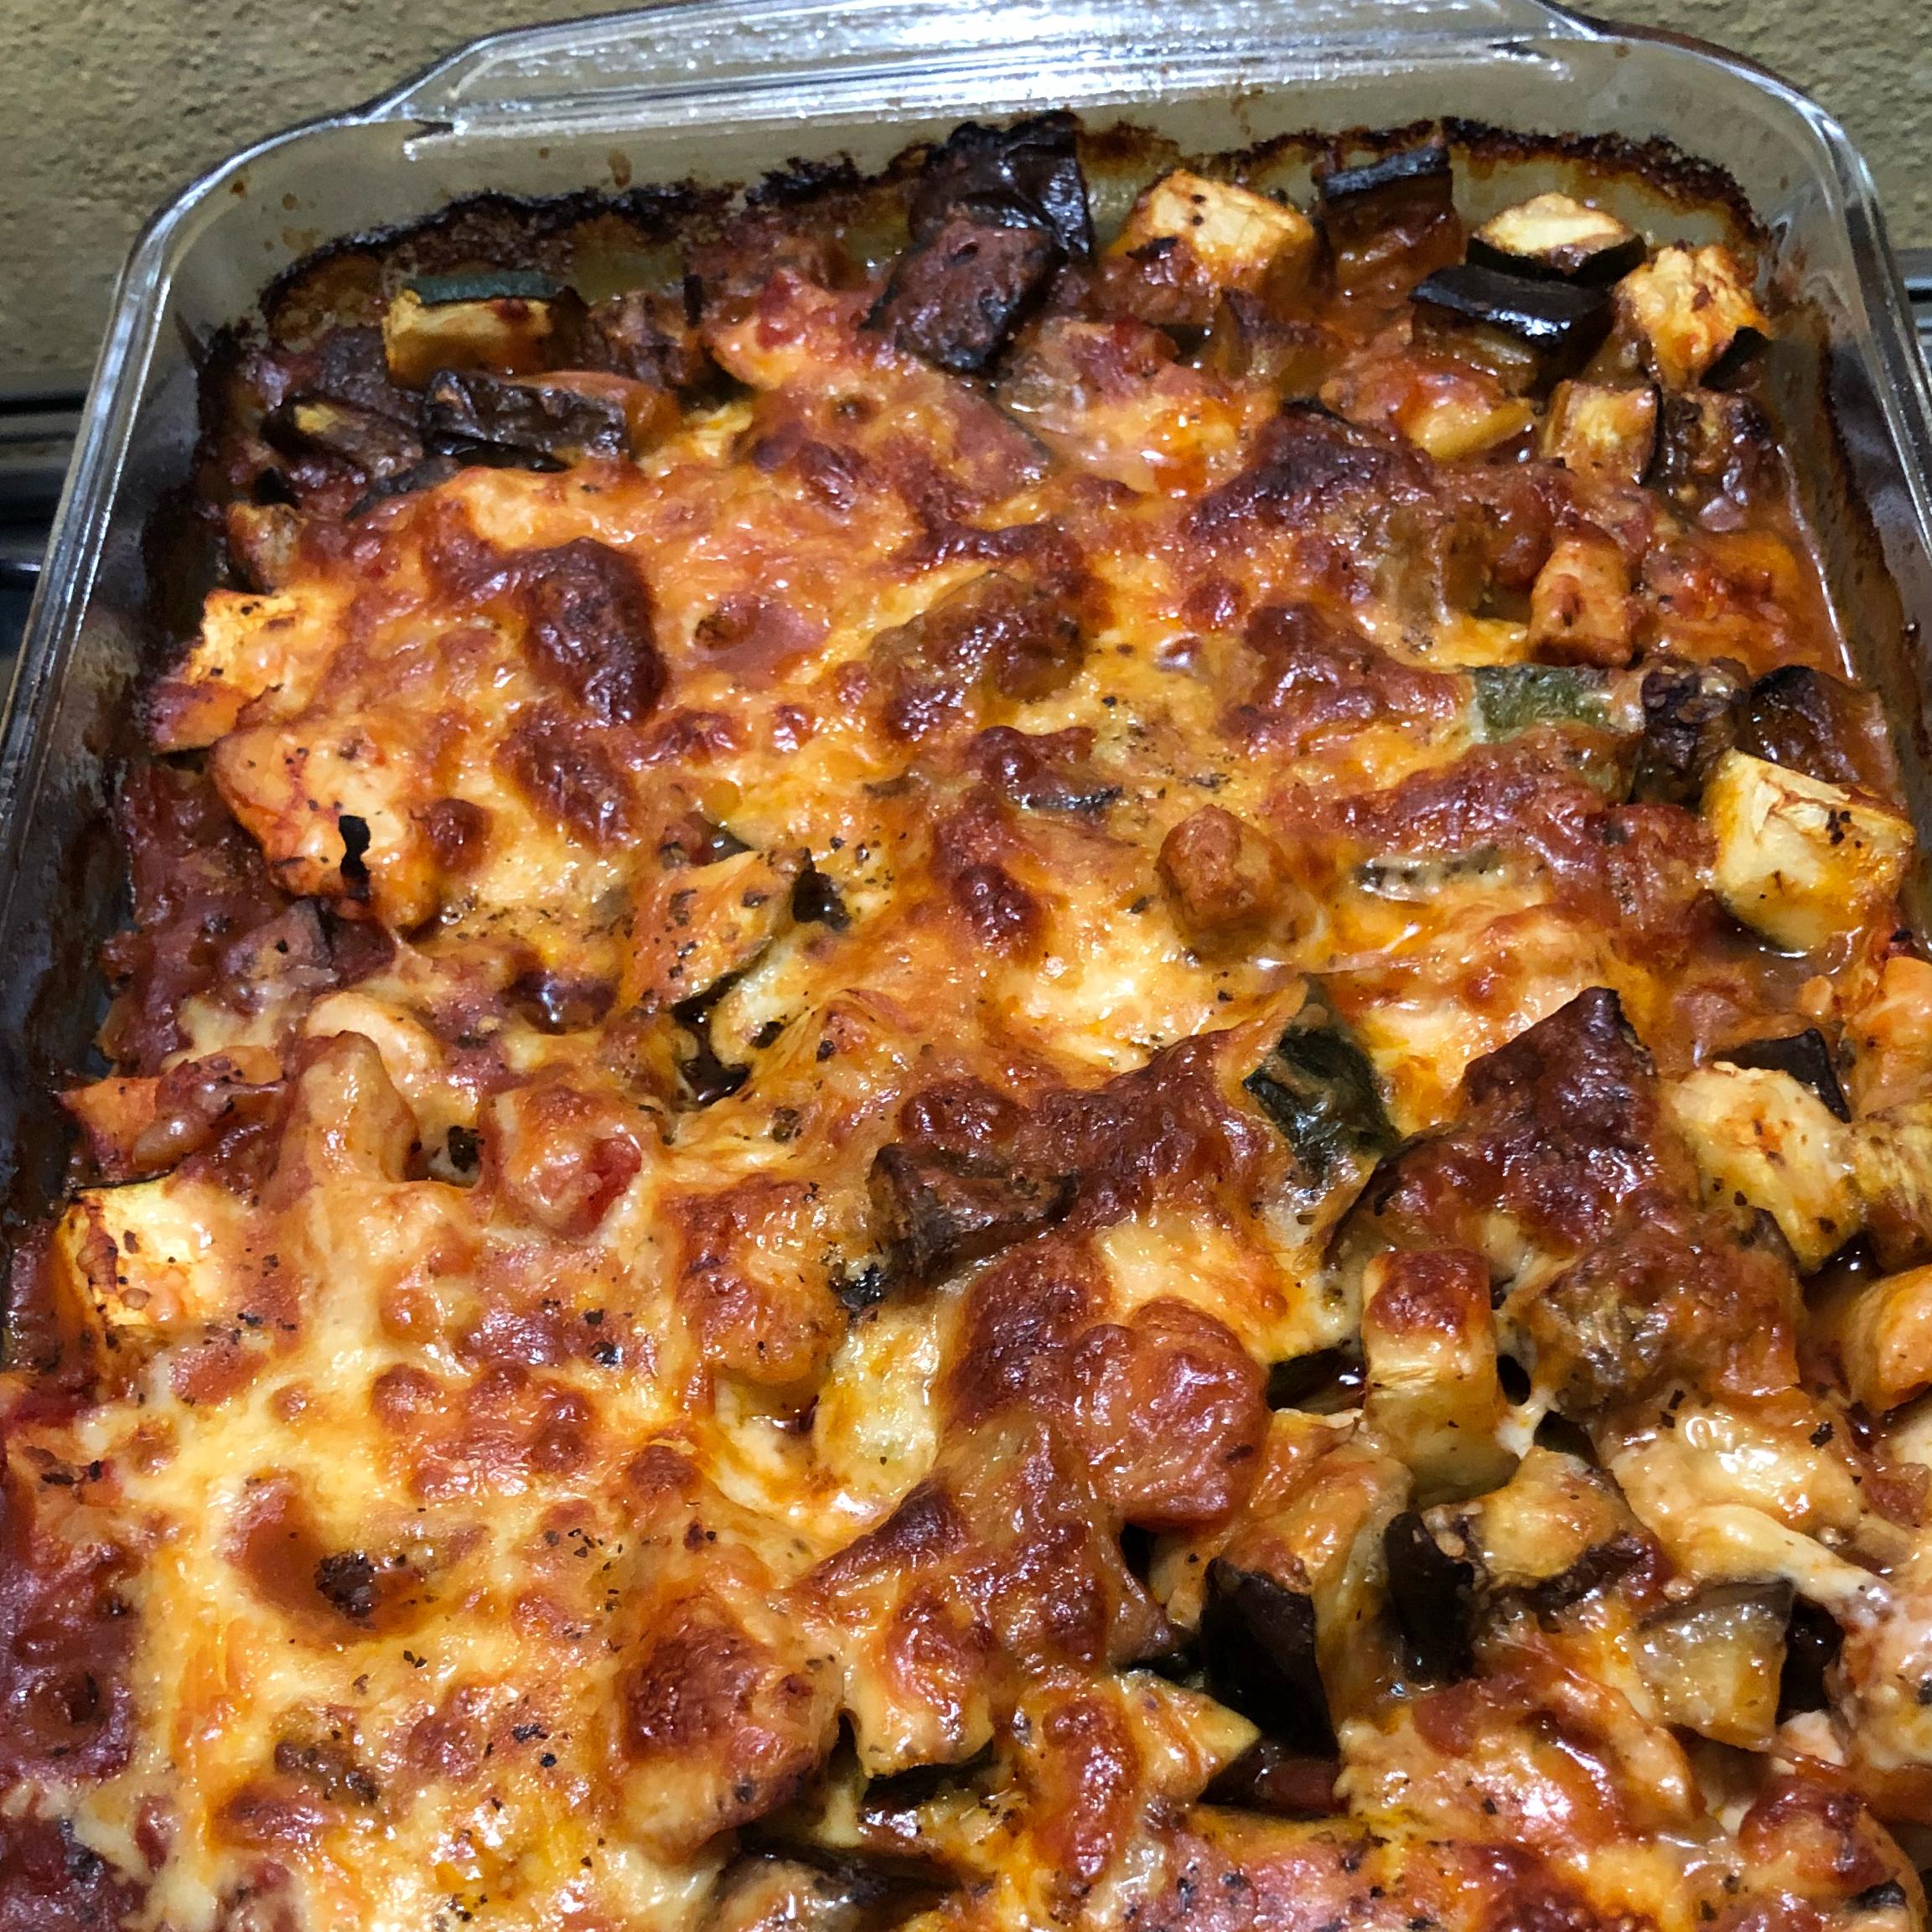 Mediterranean Chicken with Eggplant